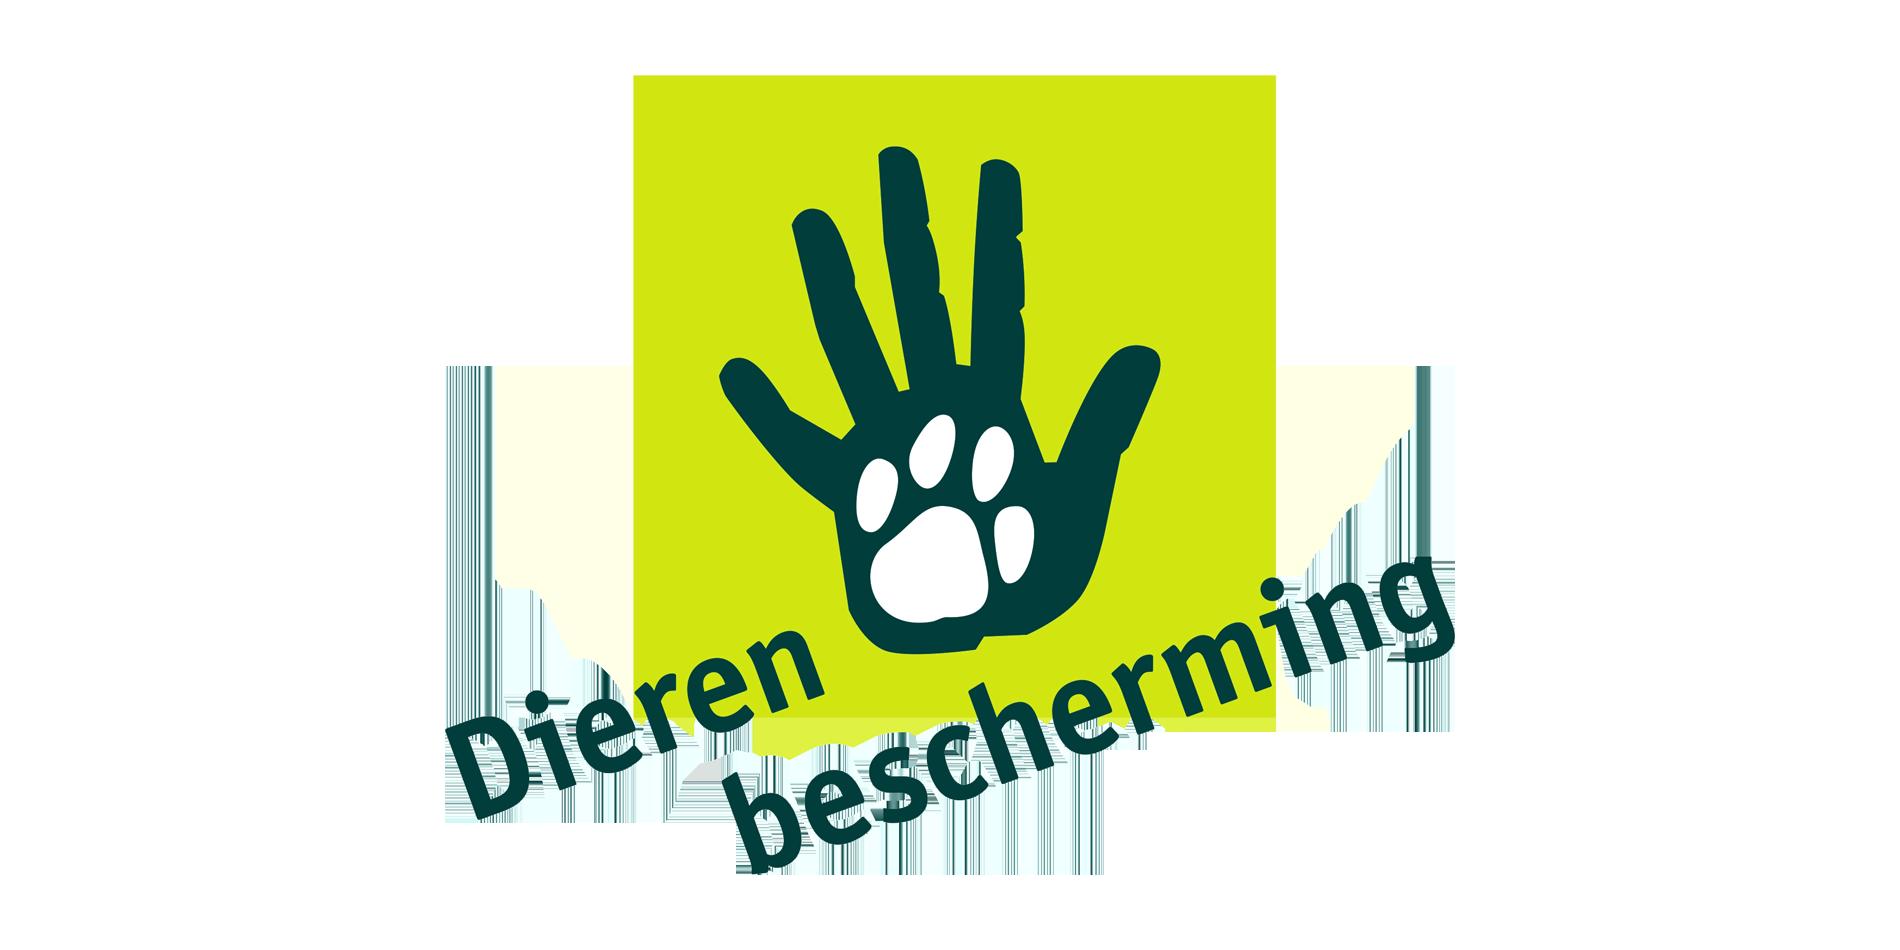 dierenbescherming.png